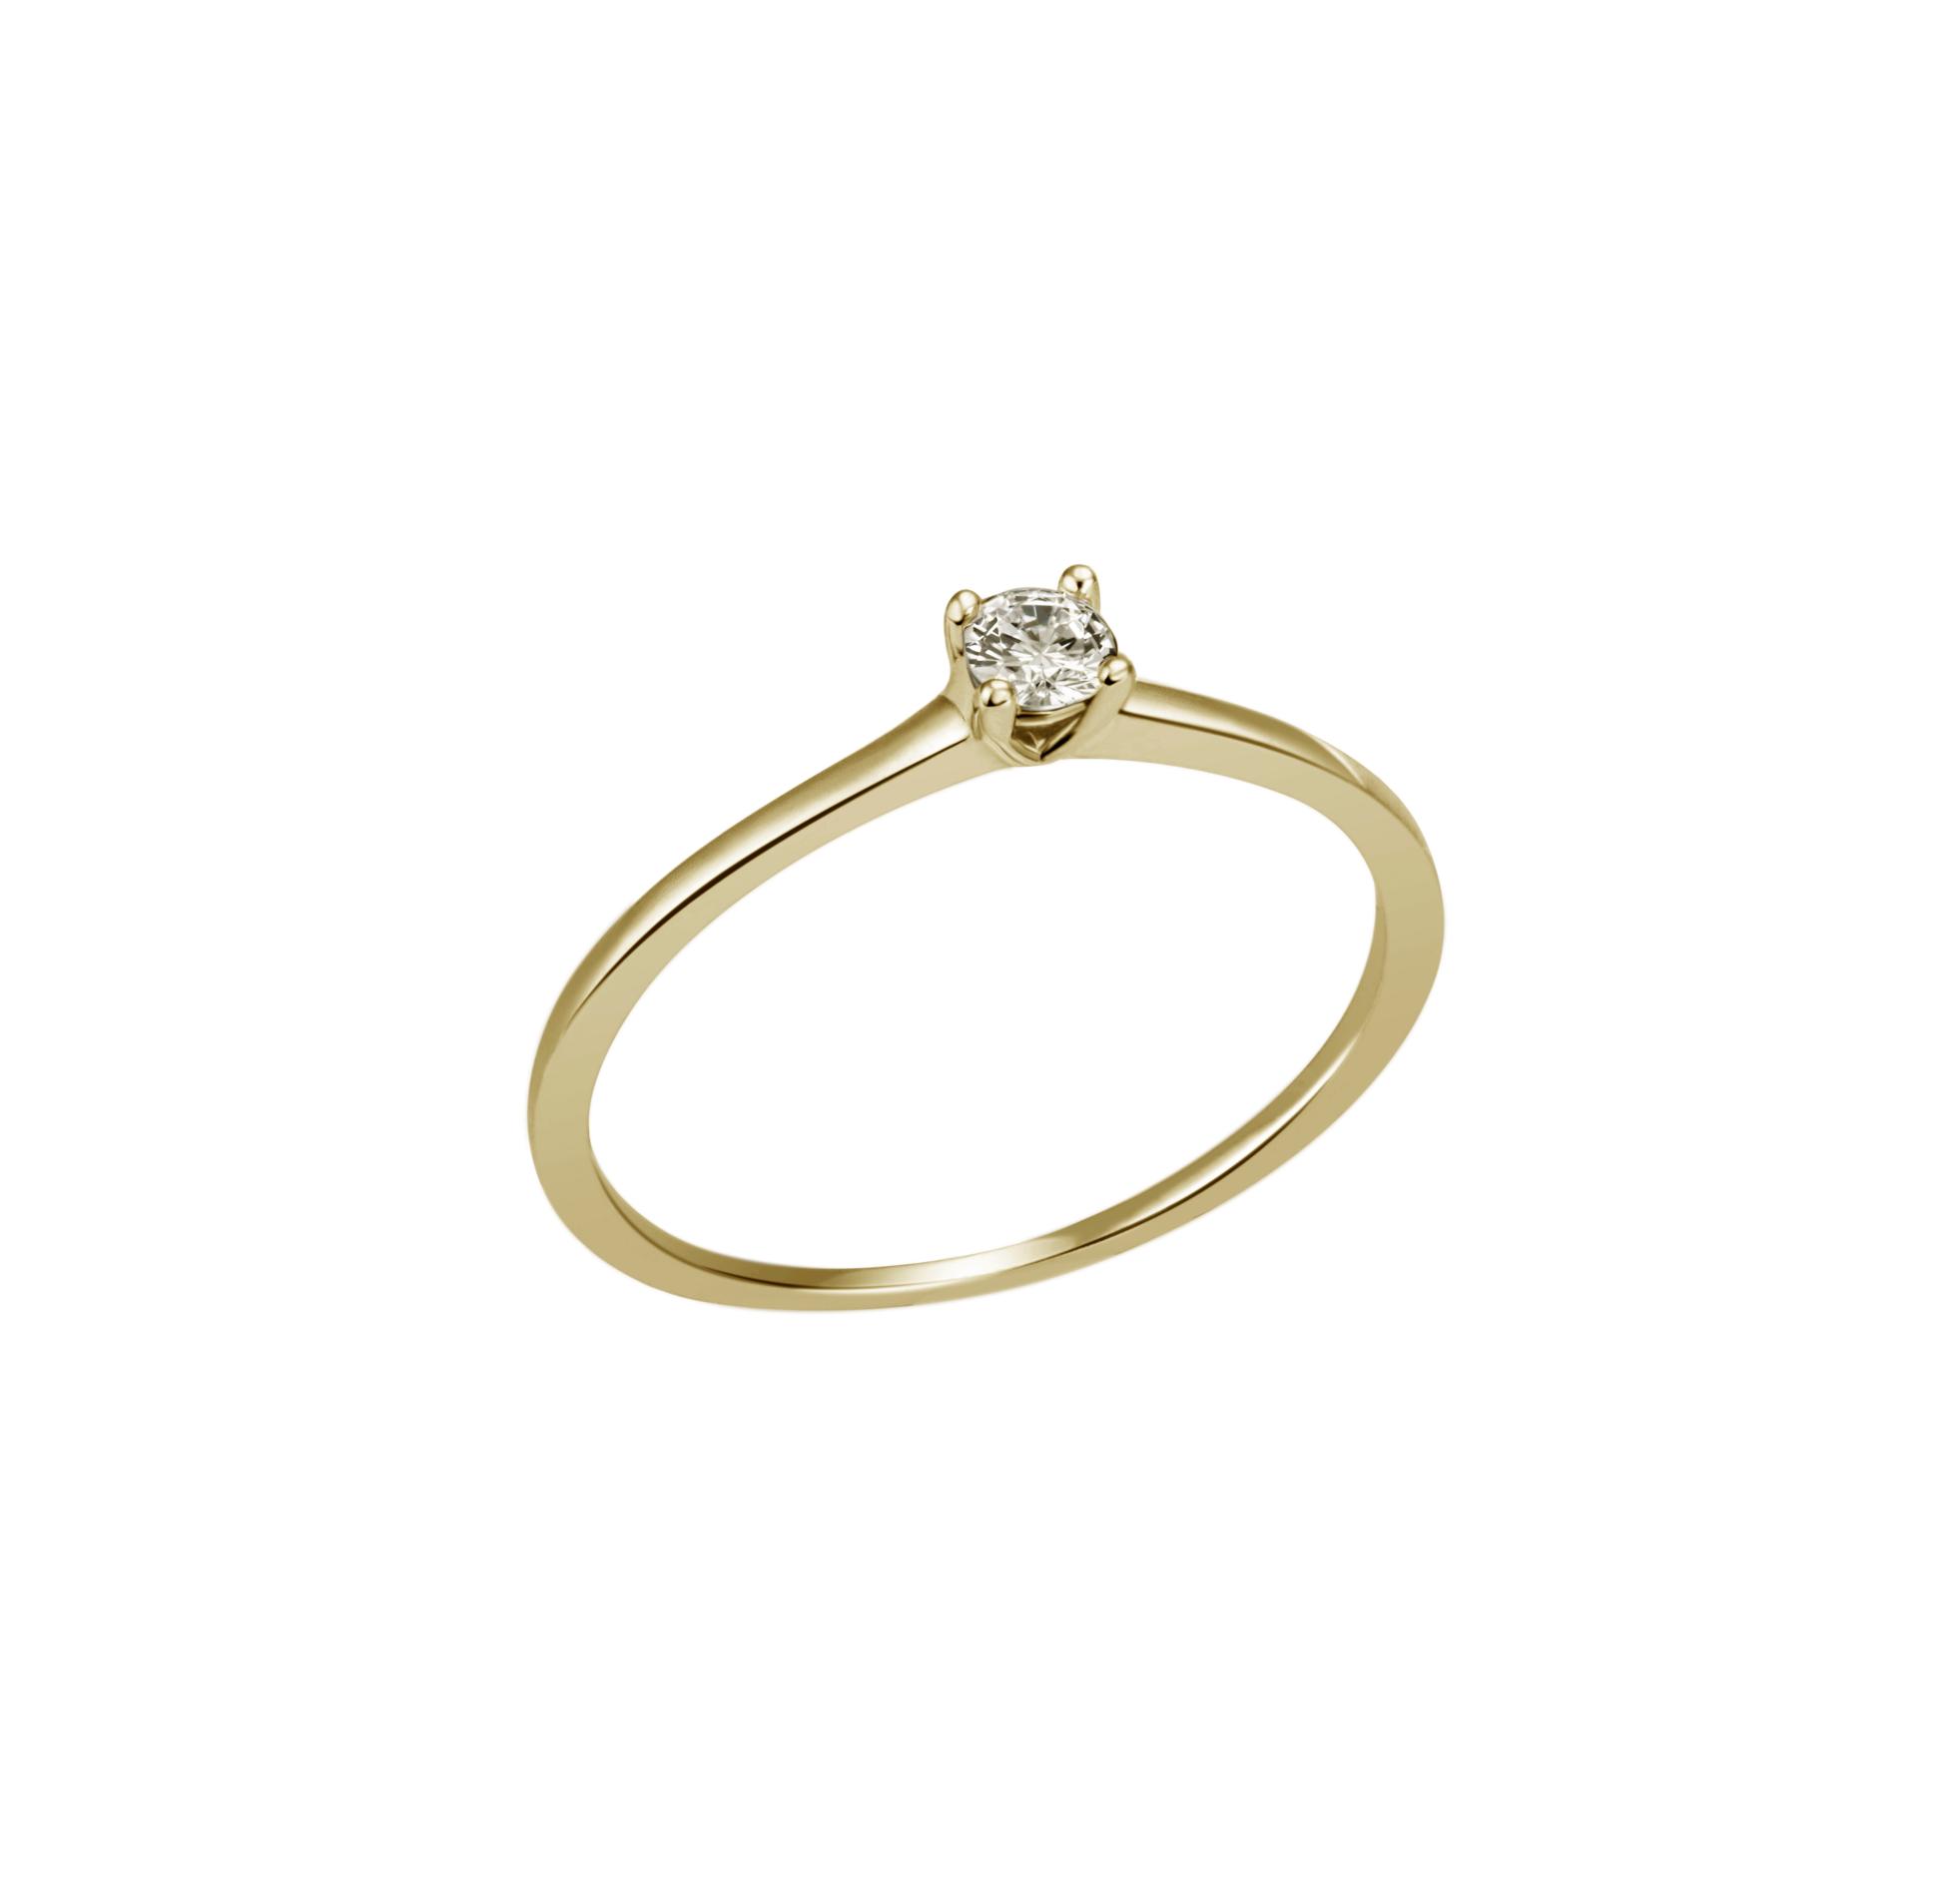 Verlobungsring Gelbgold 4-Krapper 0,10 ct